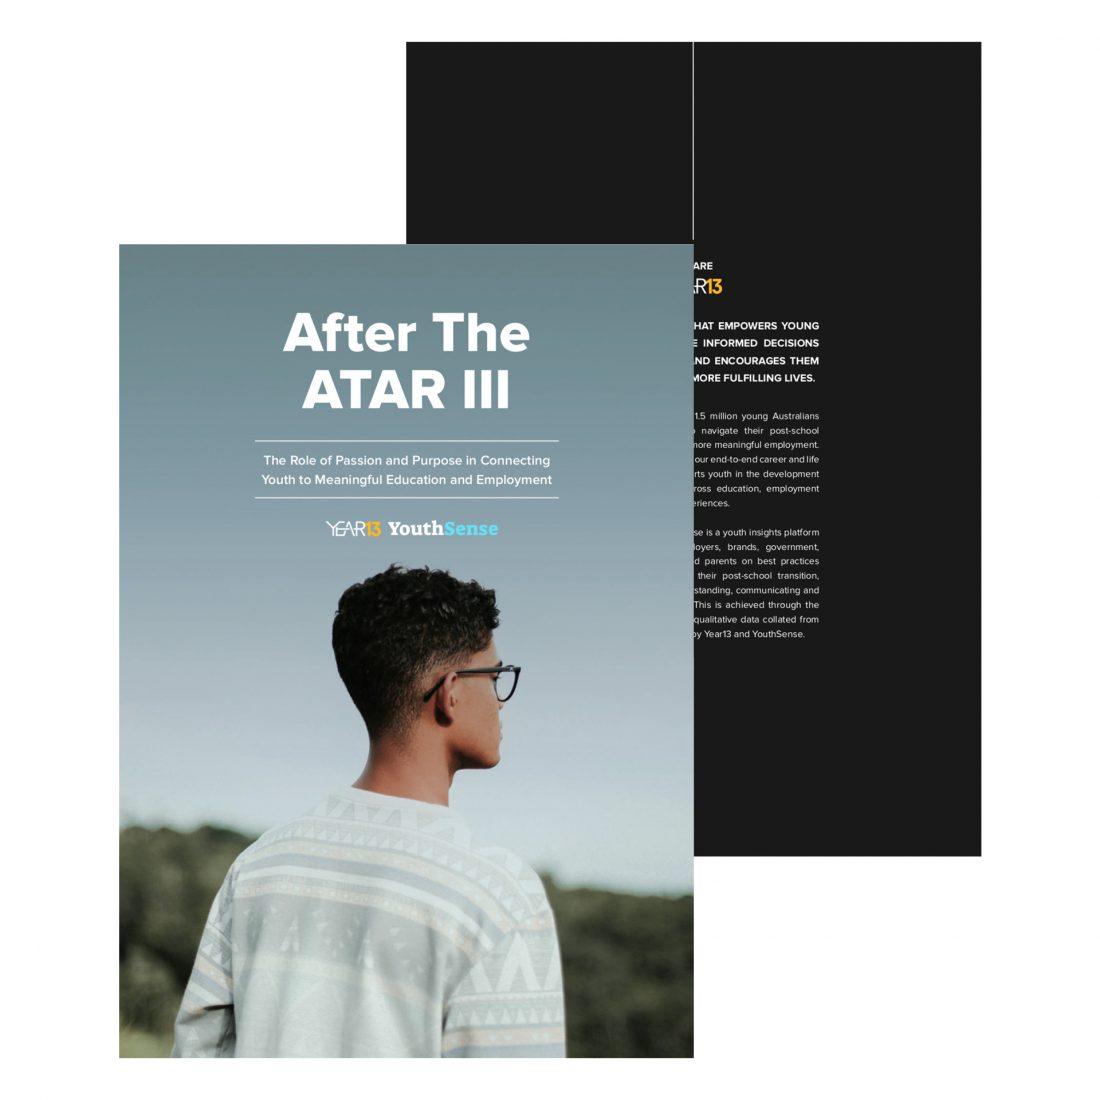 after-the-atar-iii-shuffle